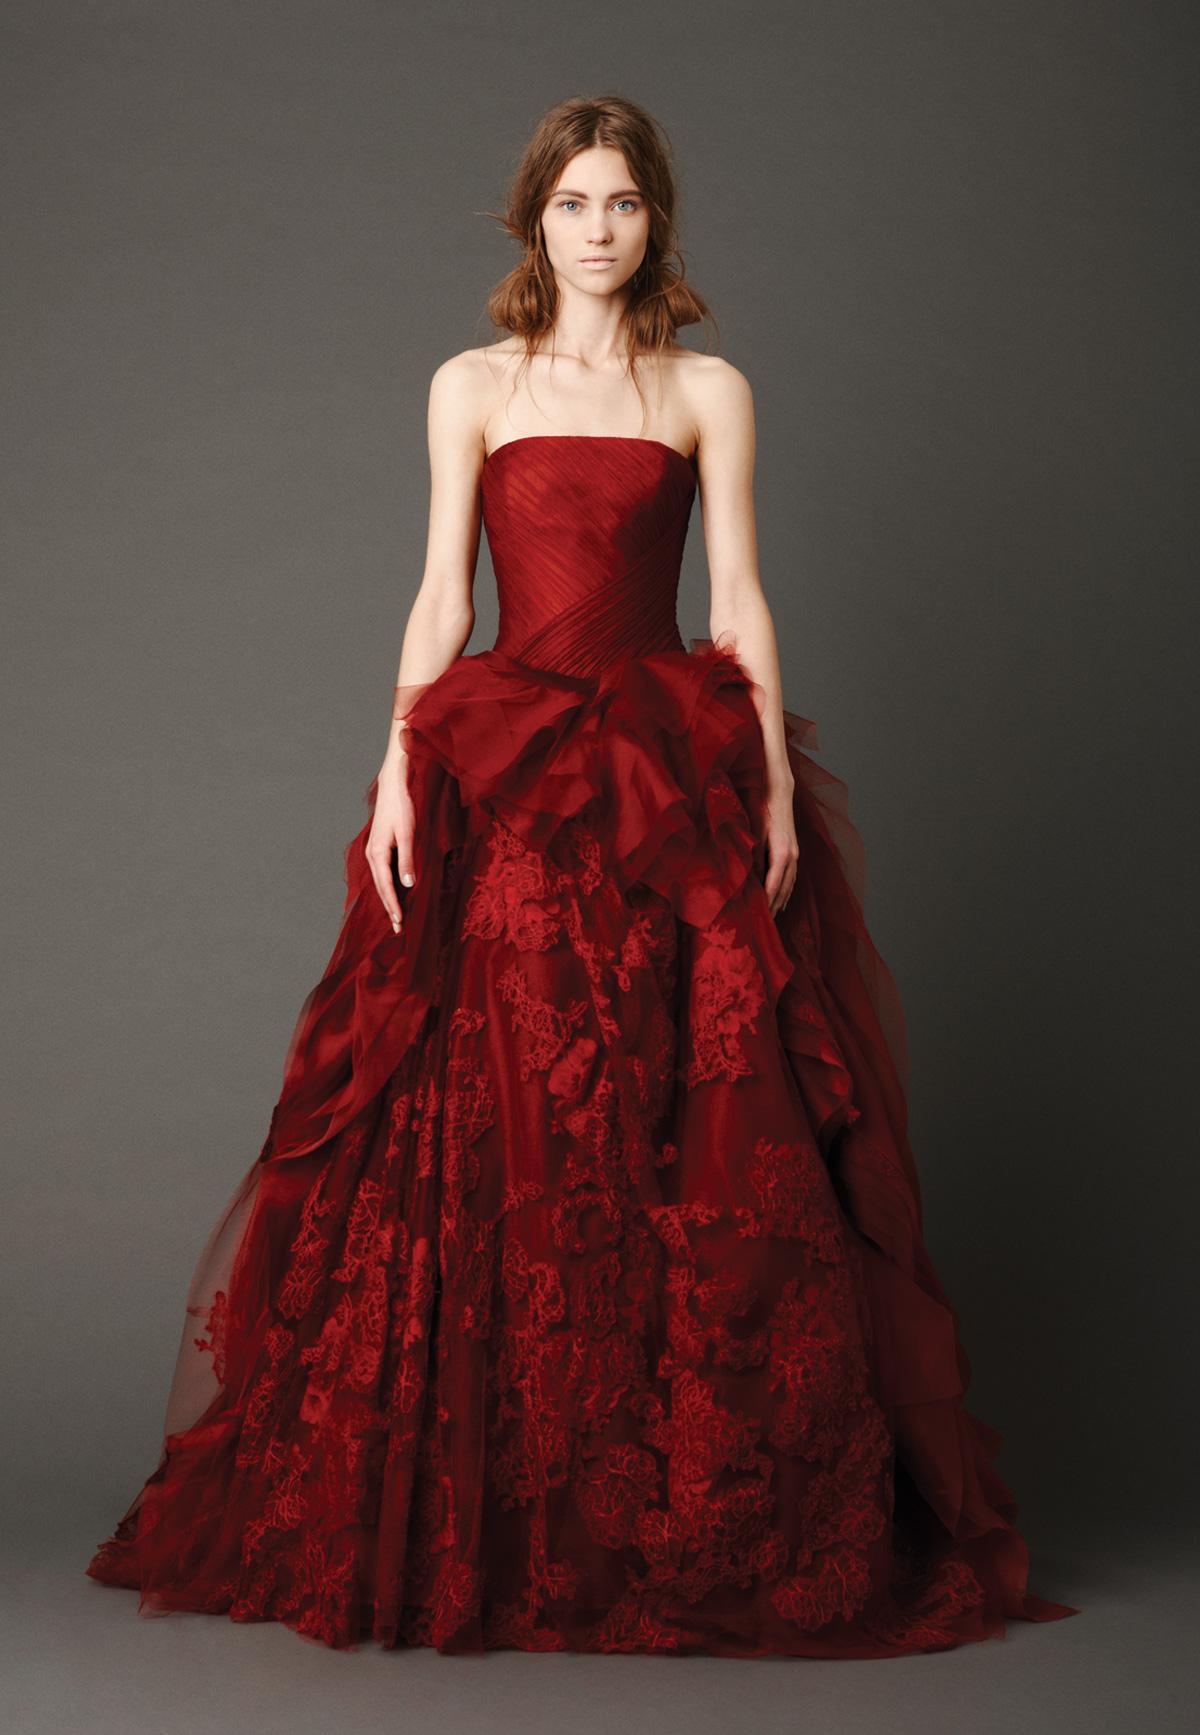 Abiti da sposa colorati tendenze originali per il matrimonio  Donna ...